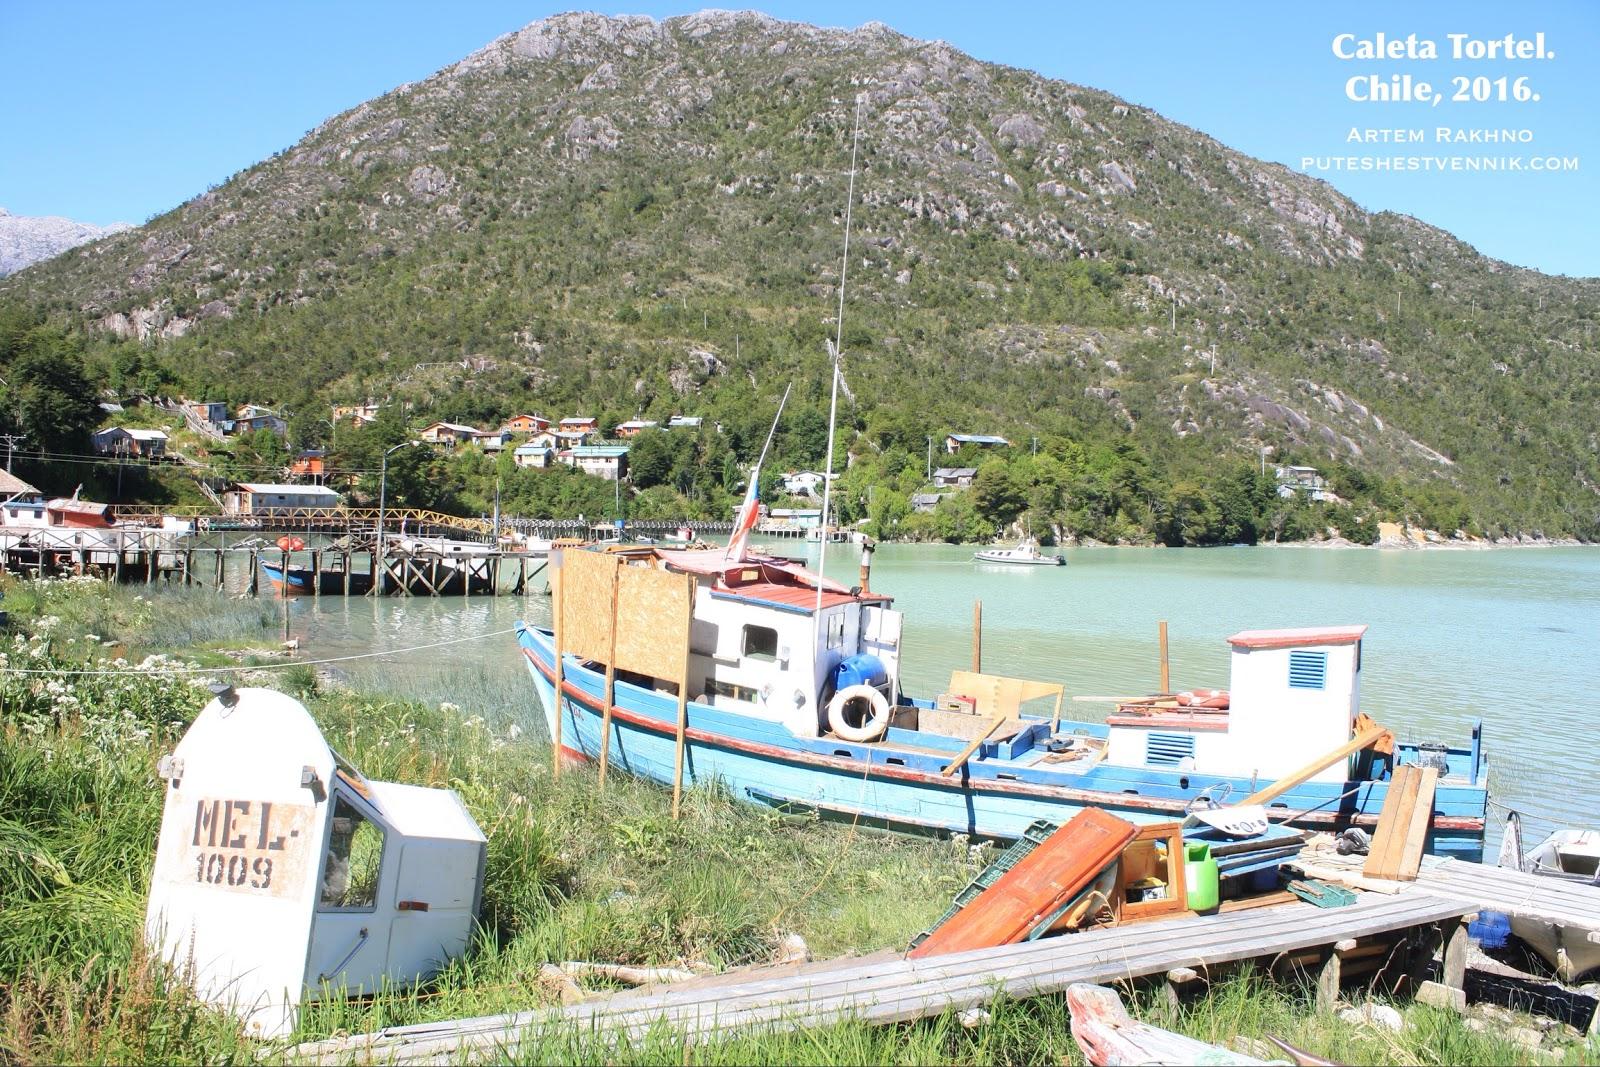 Лодка у берега в Калета Тортел